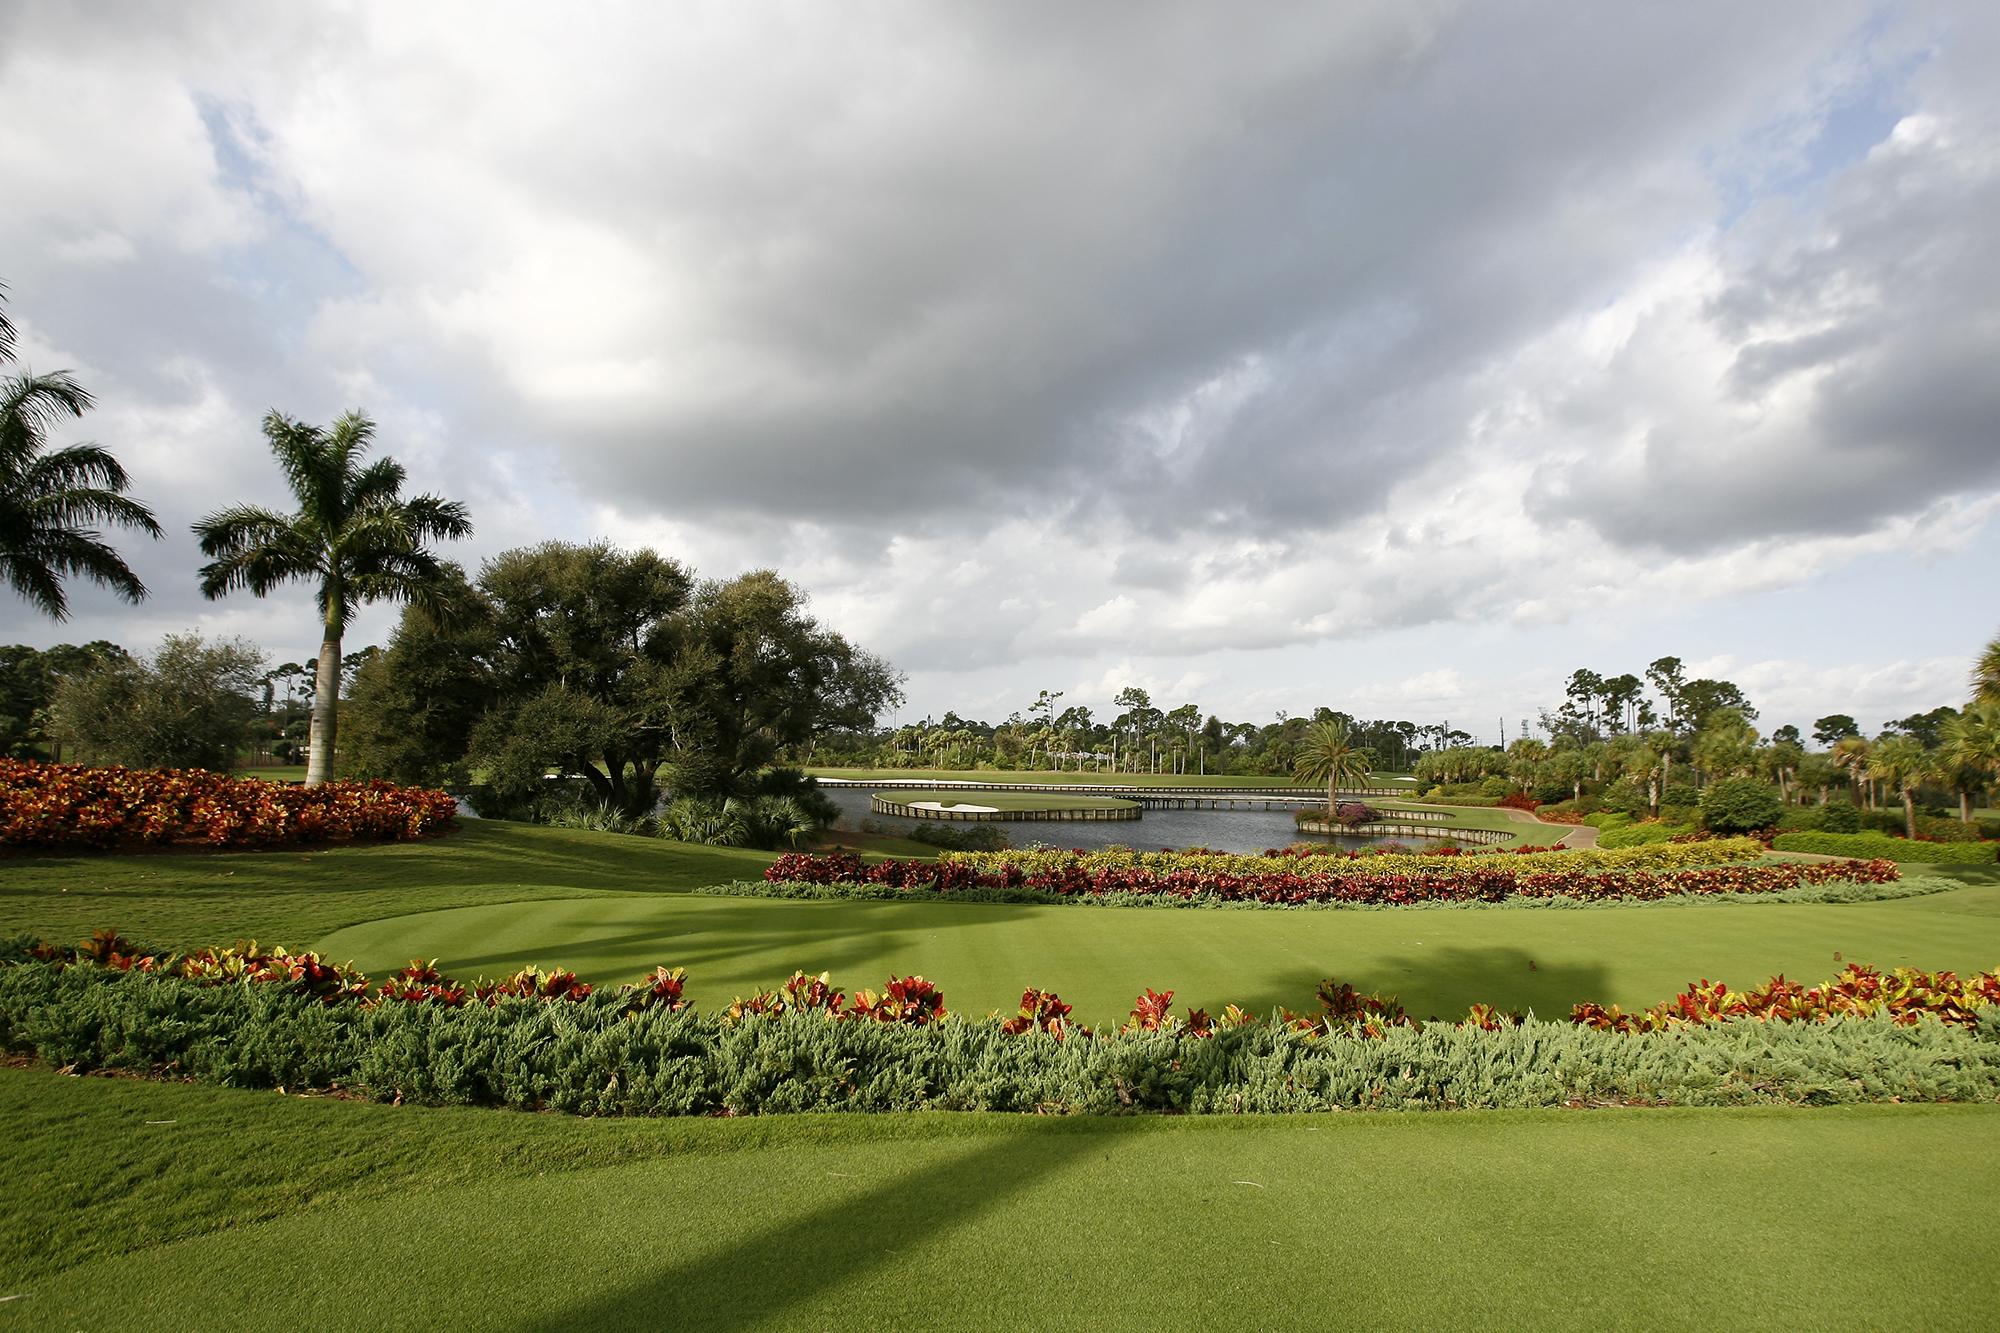 플로리다의 아름다운 골프클럽